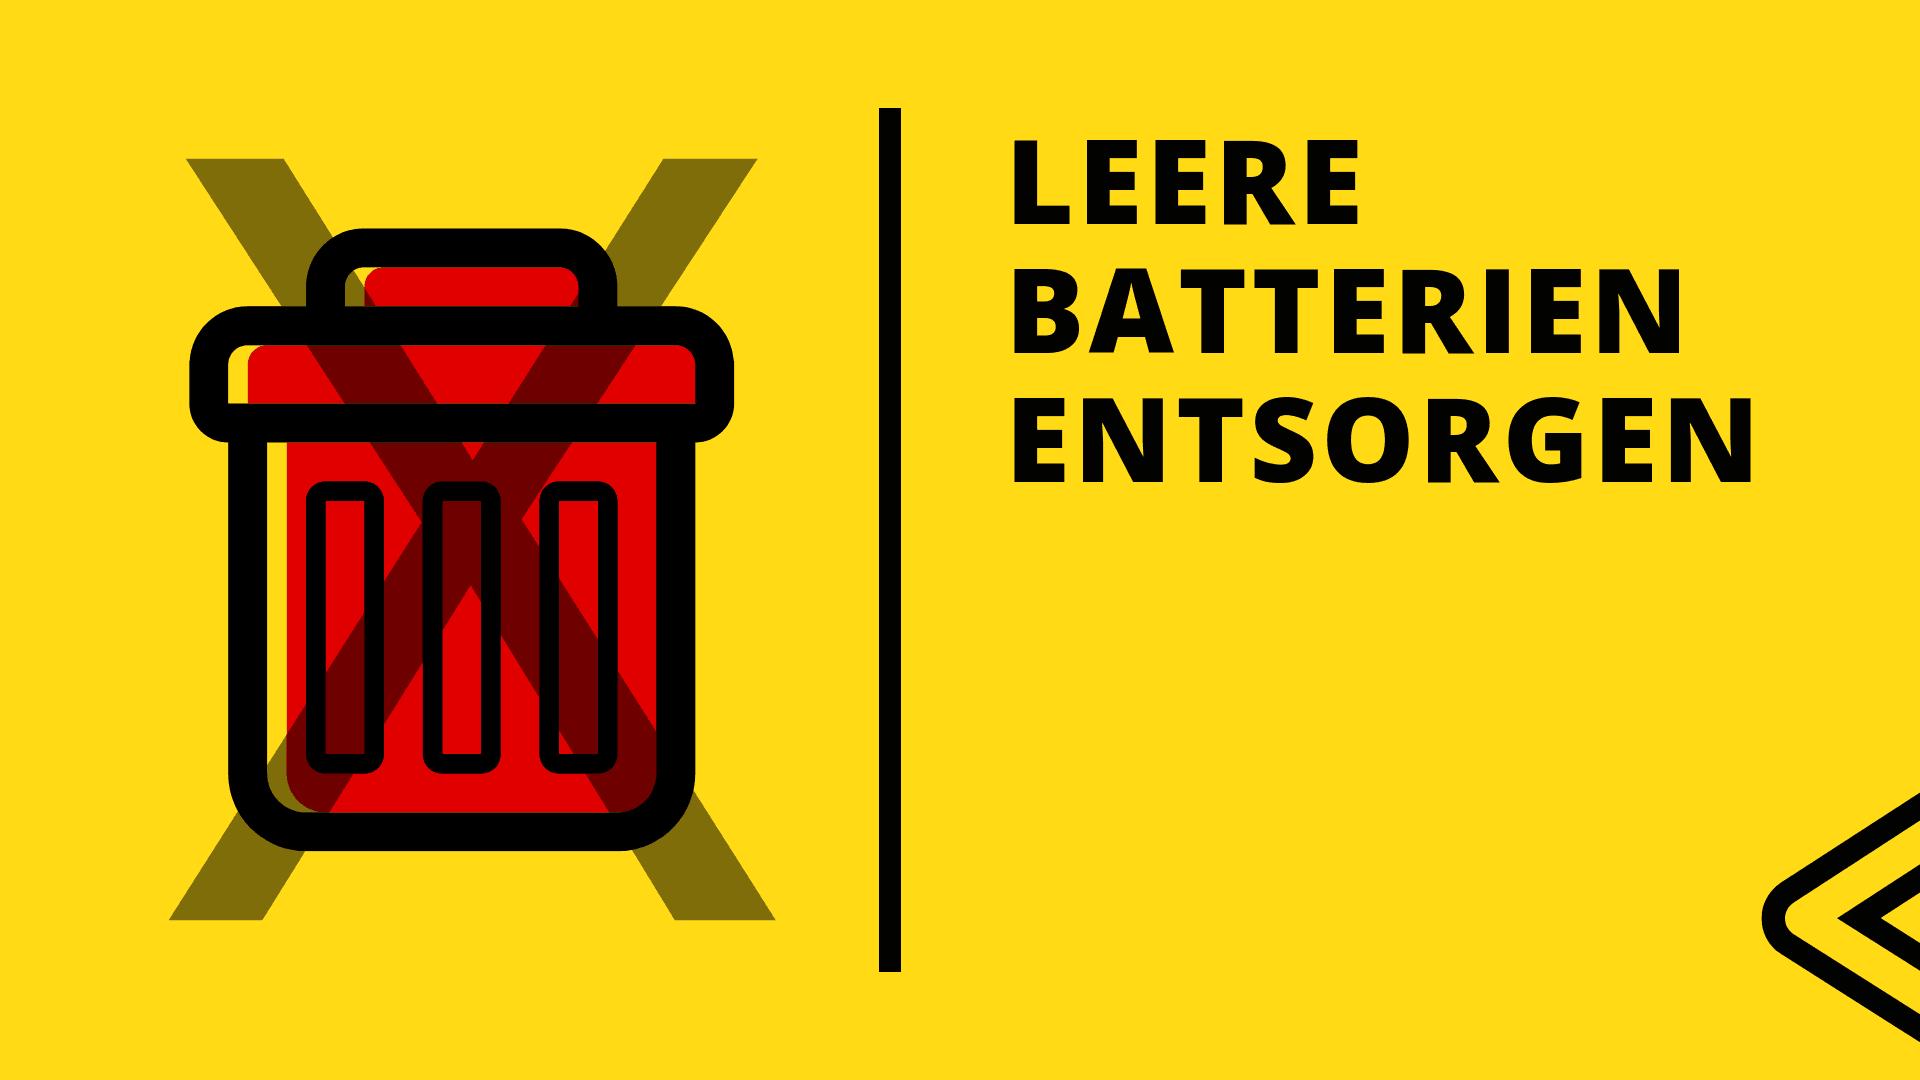 Leere Batterien Entsorgen Akkusbatterien De